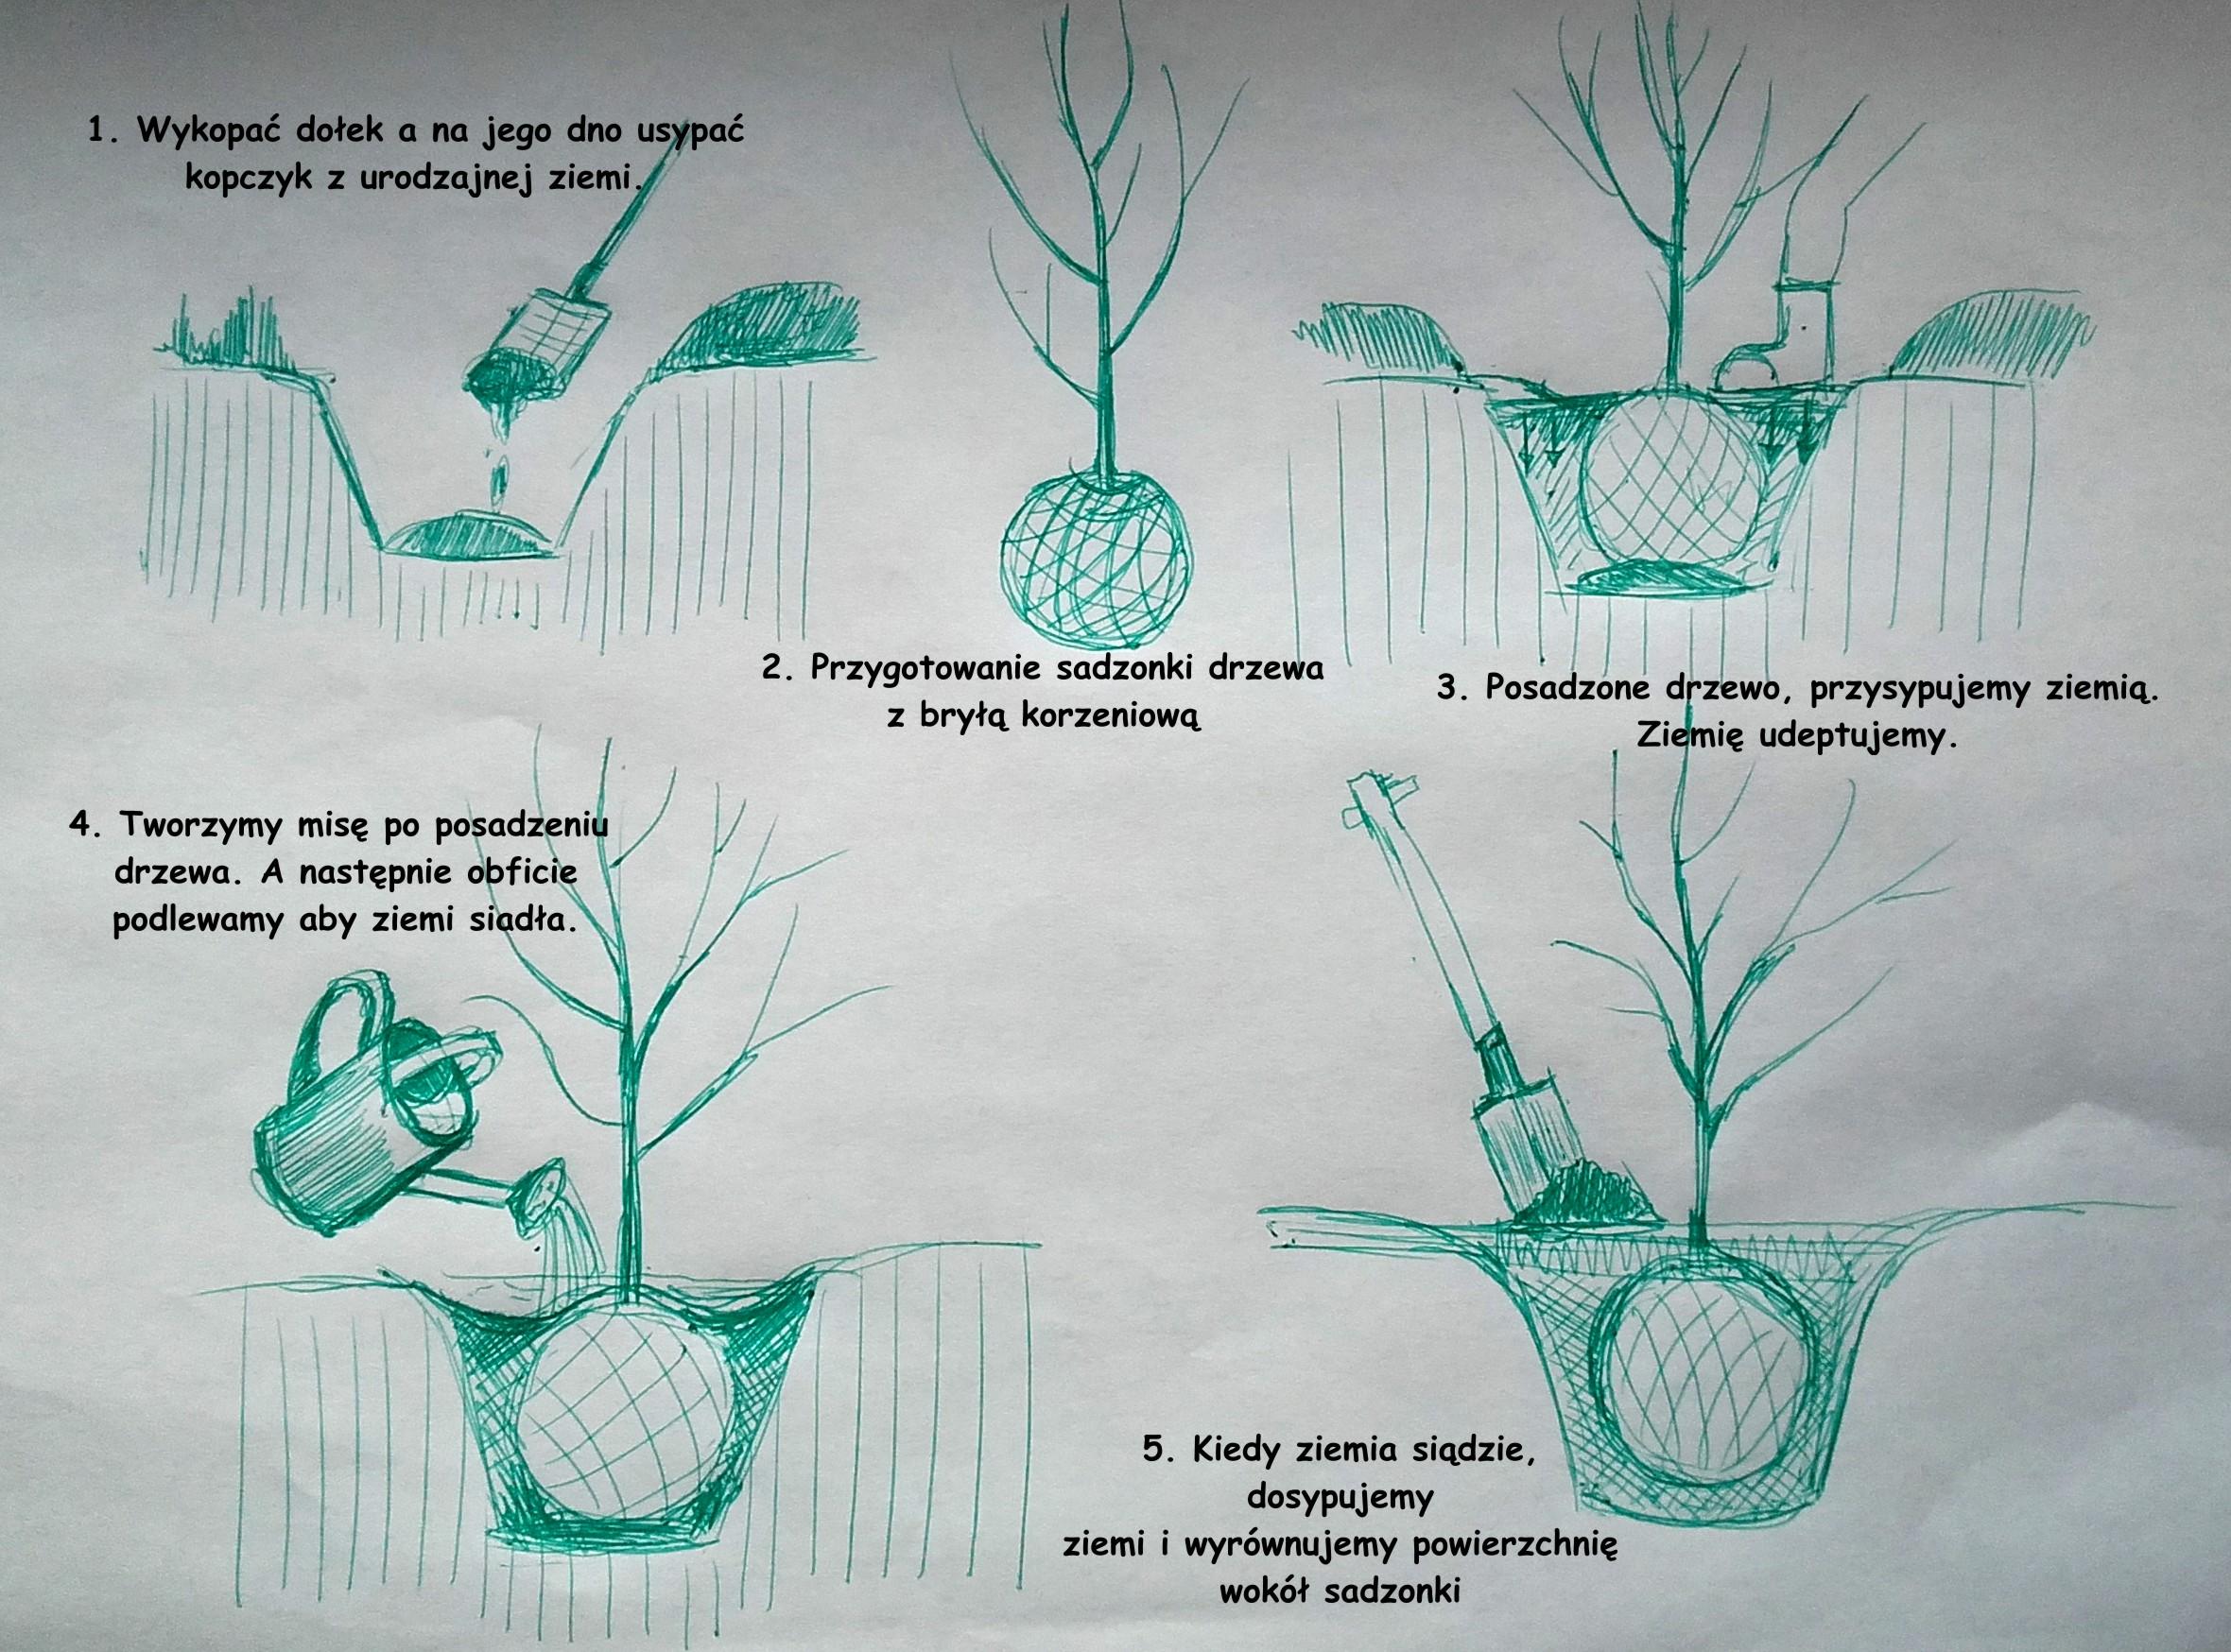 Zasady sadzenia drzew z bryłą korzeniową.